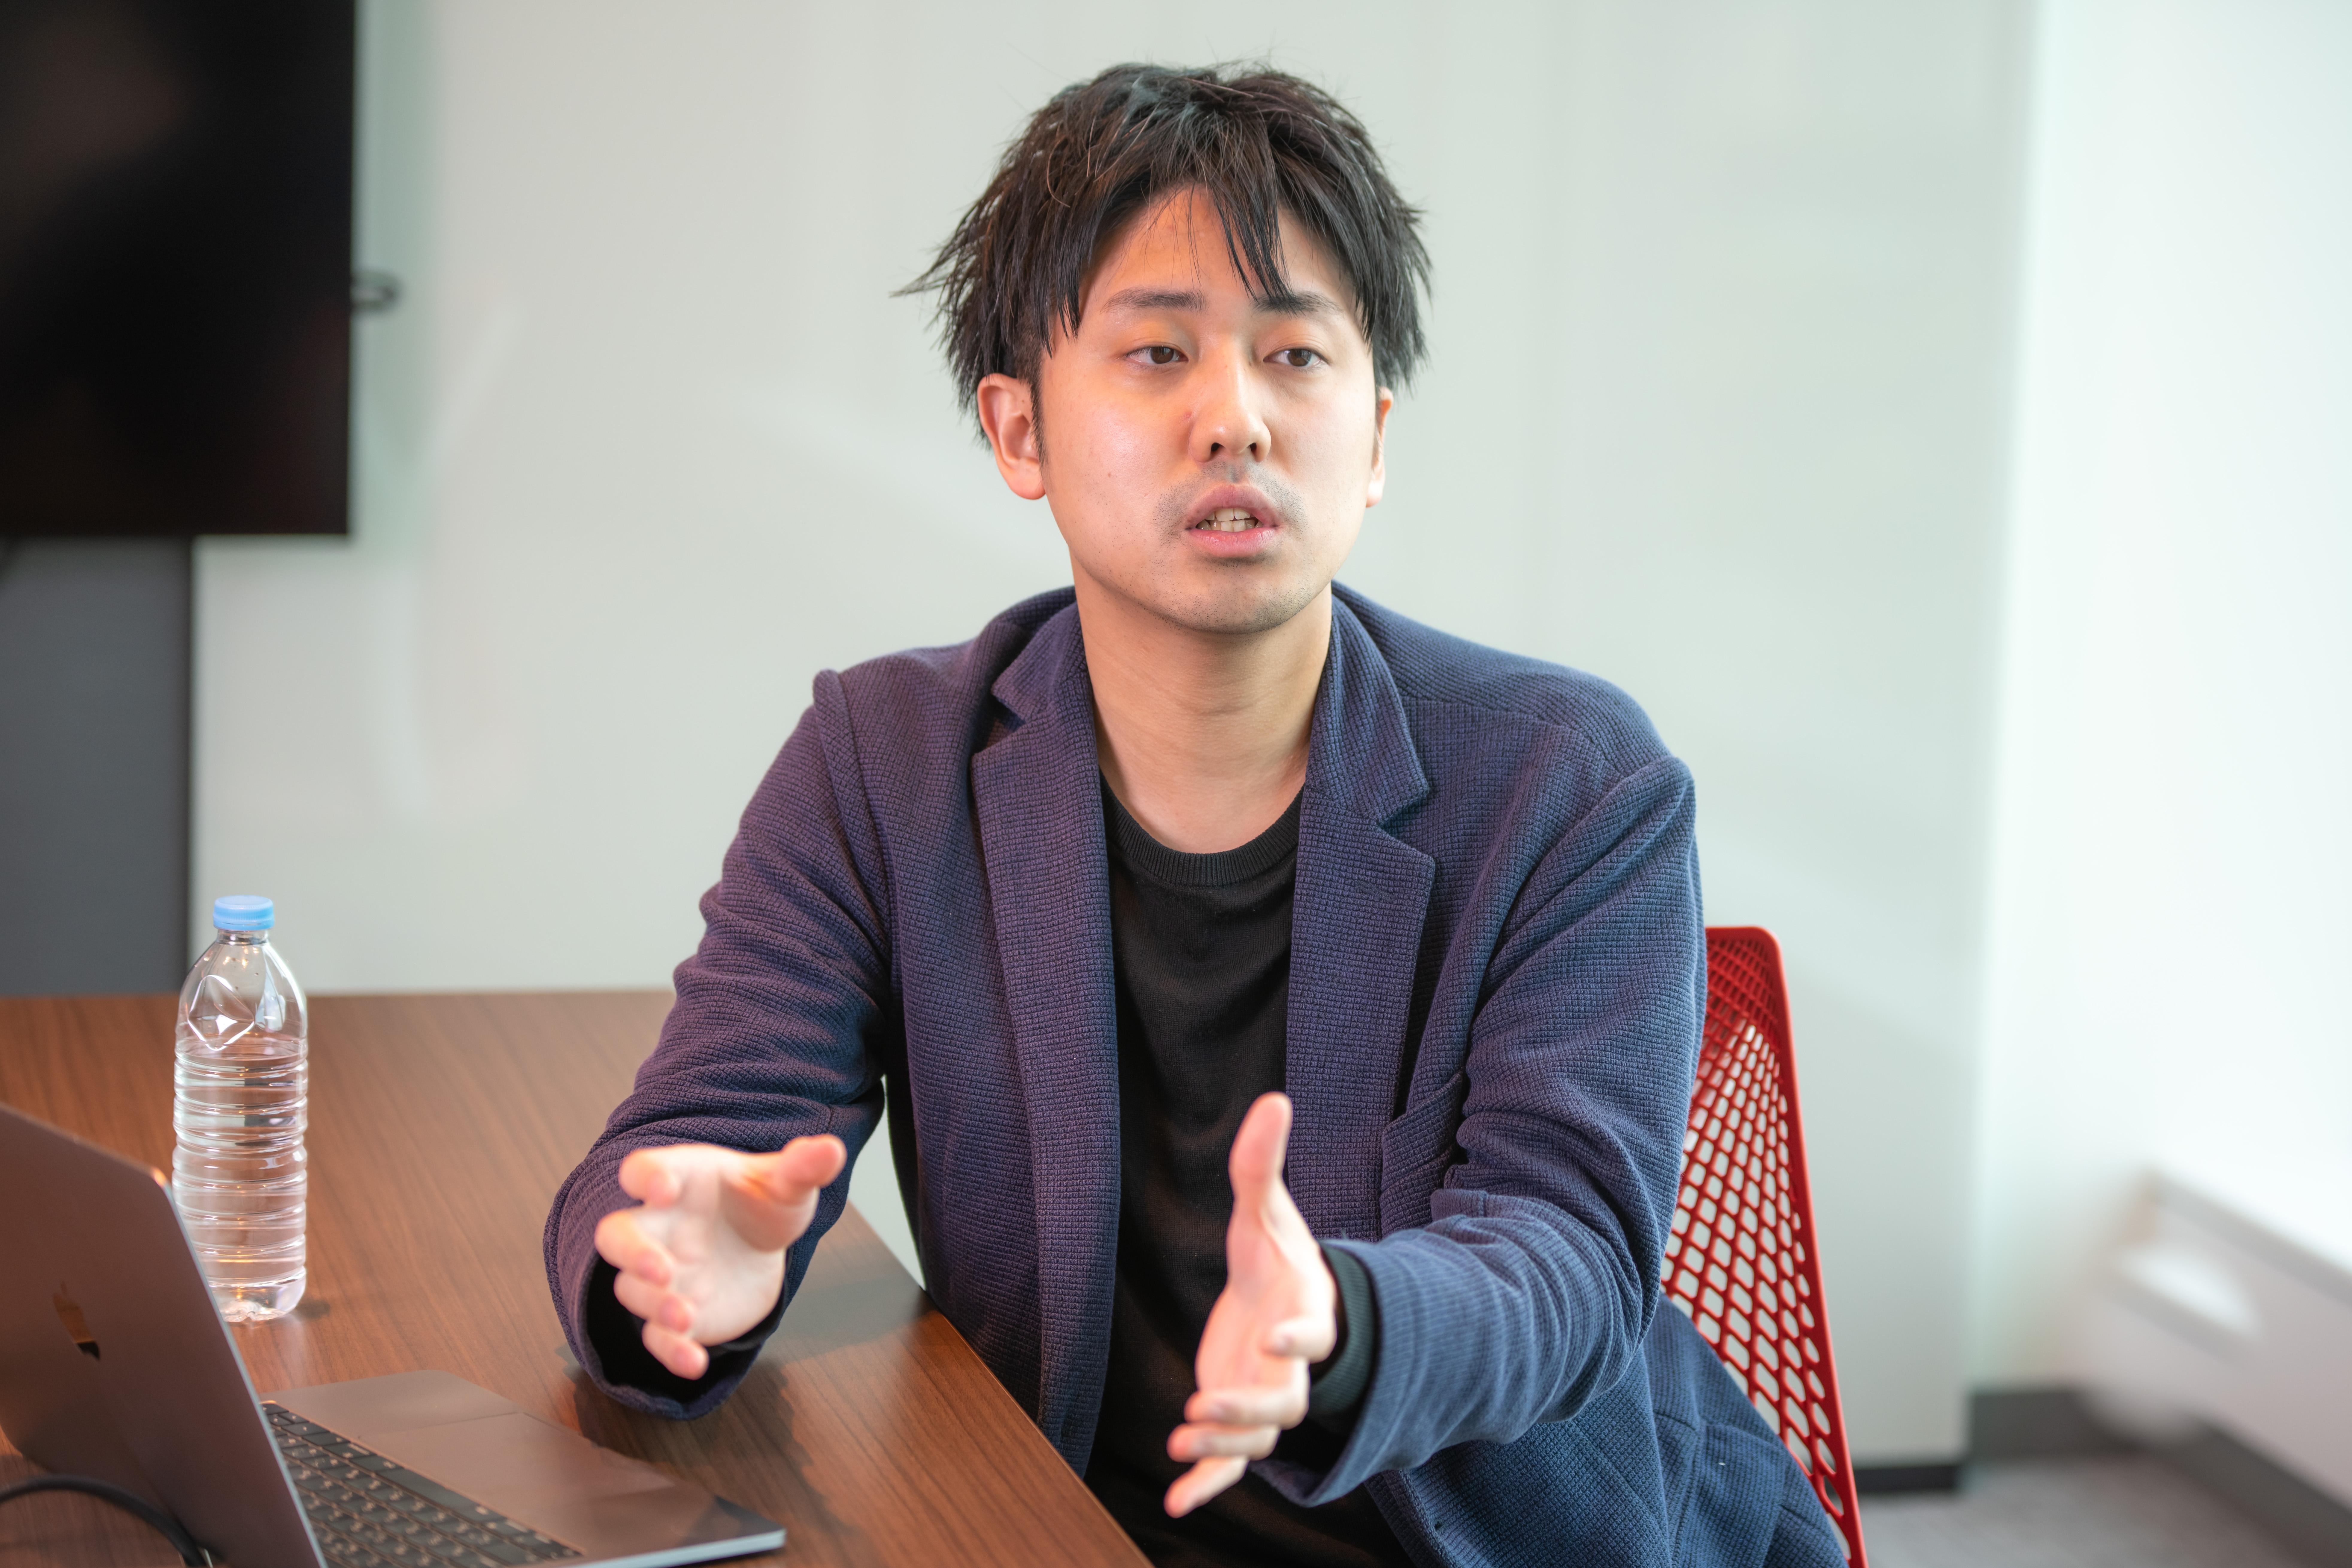 Fringe81株式会社 執行役員 兼 Unipos株式会社 代表取締役社長 斉藤 知明